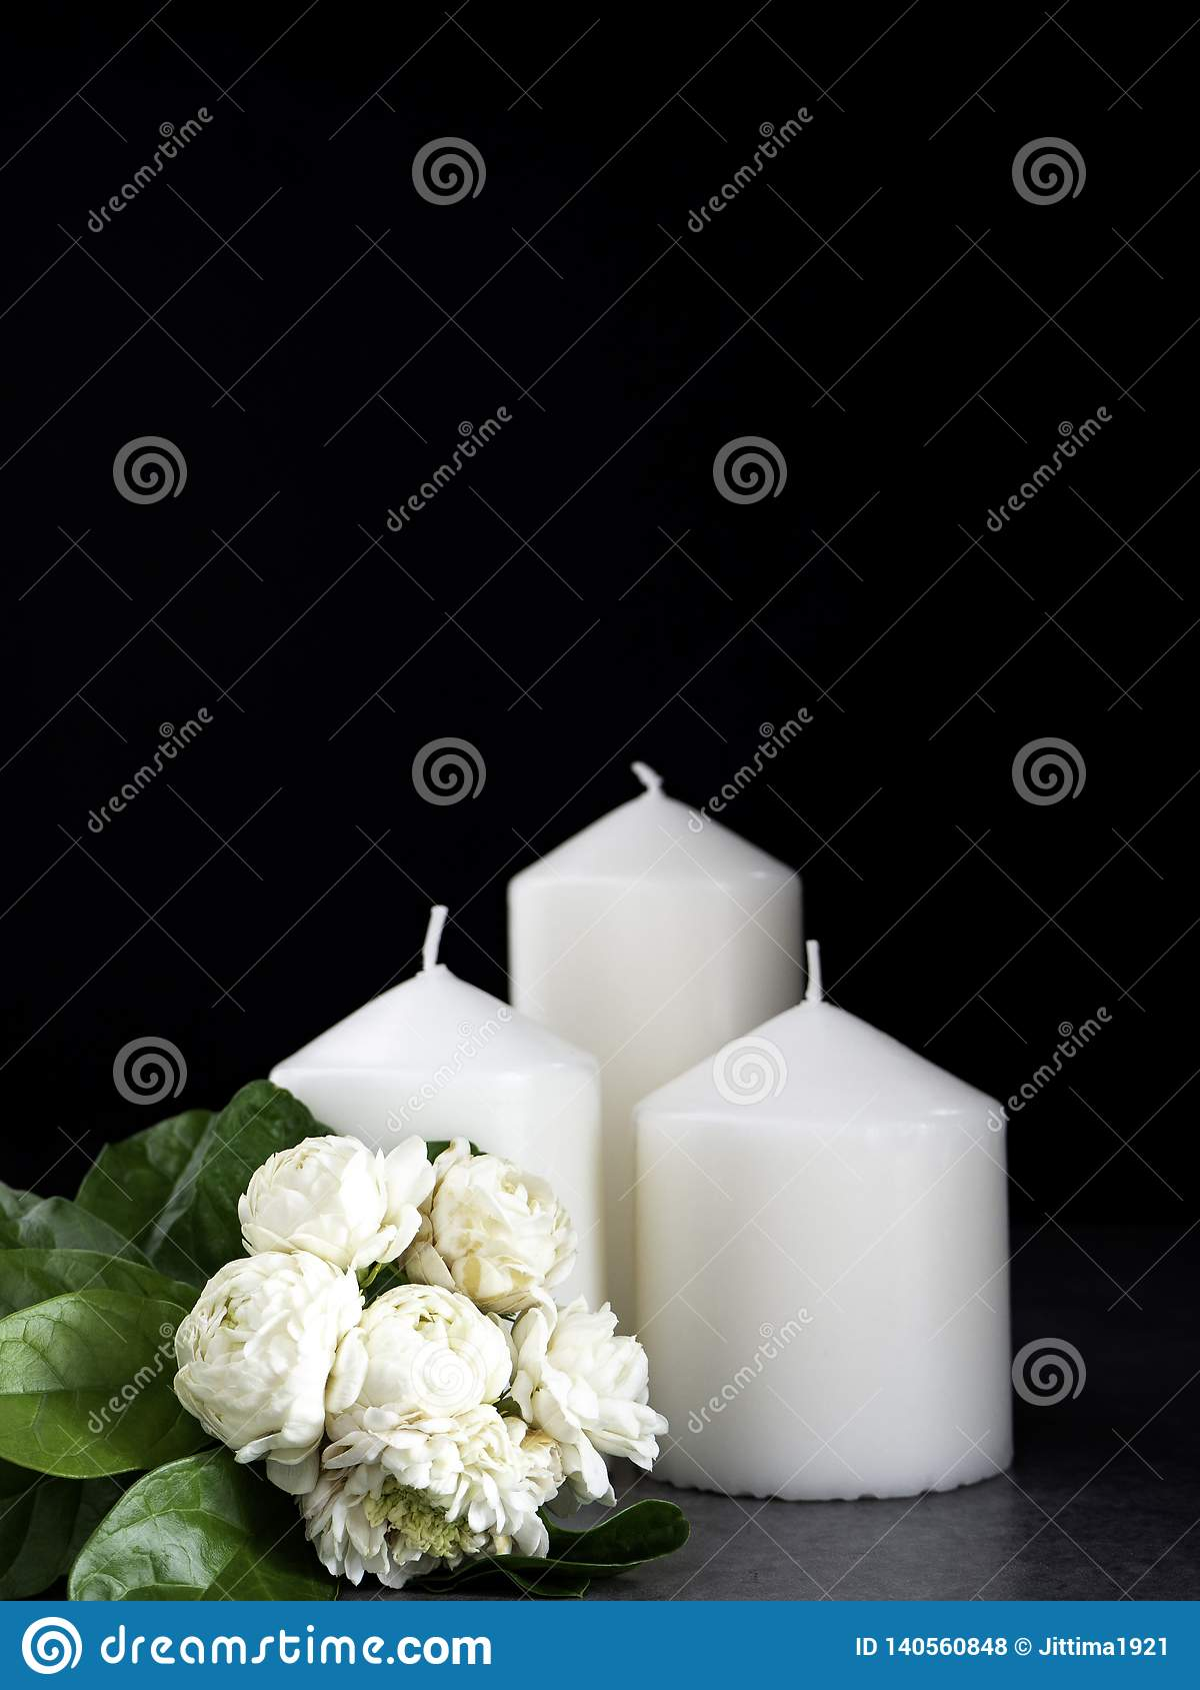 Jasmin och stearinljus på mörk bakgrund